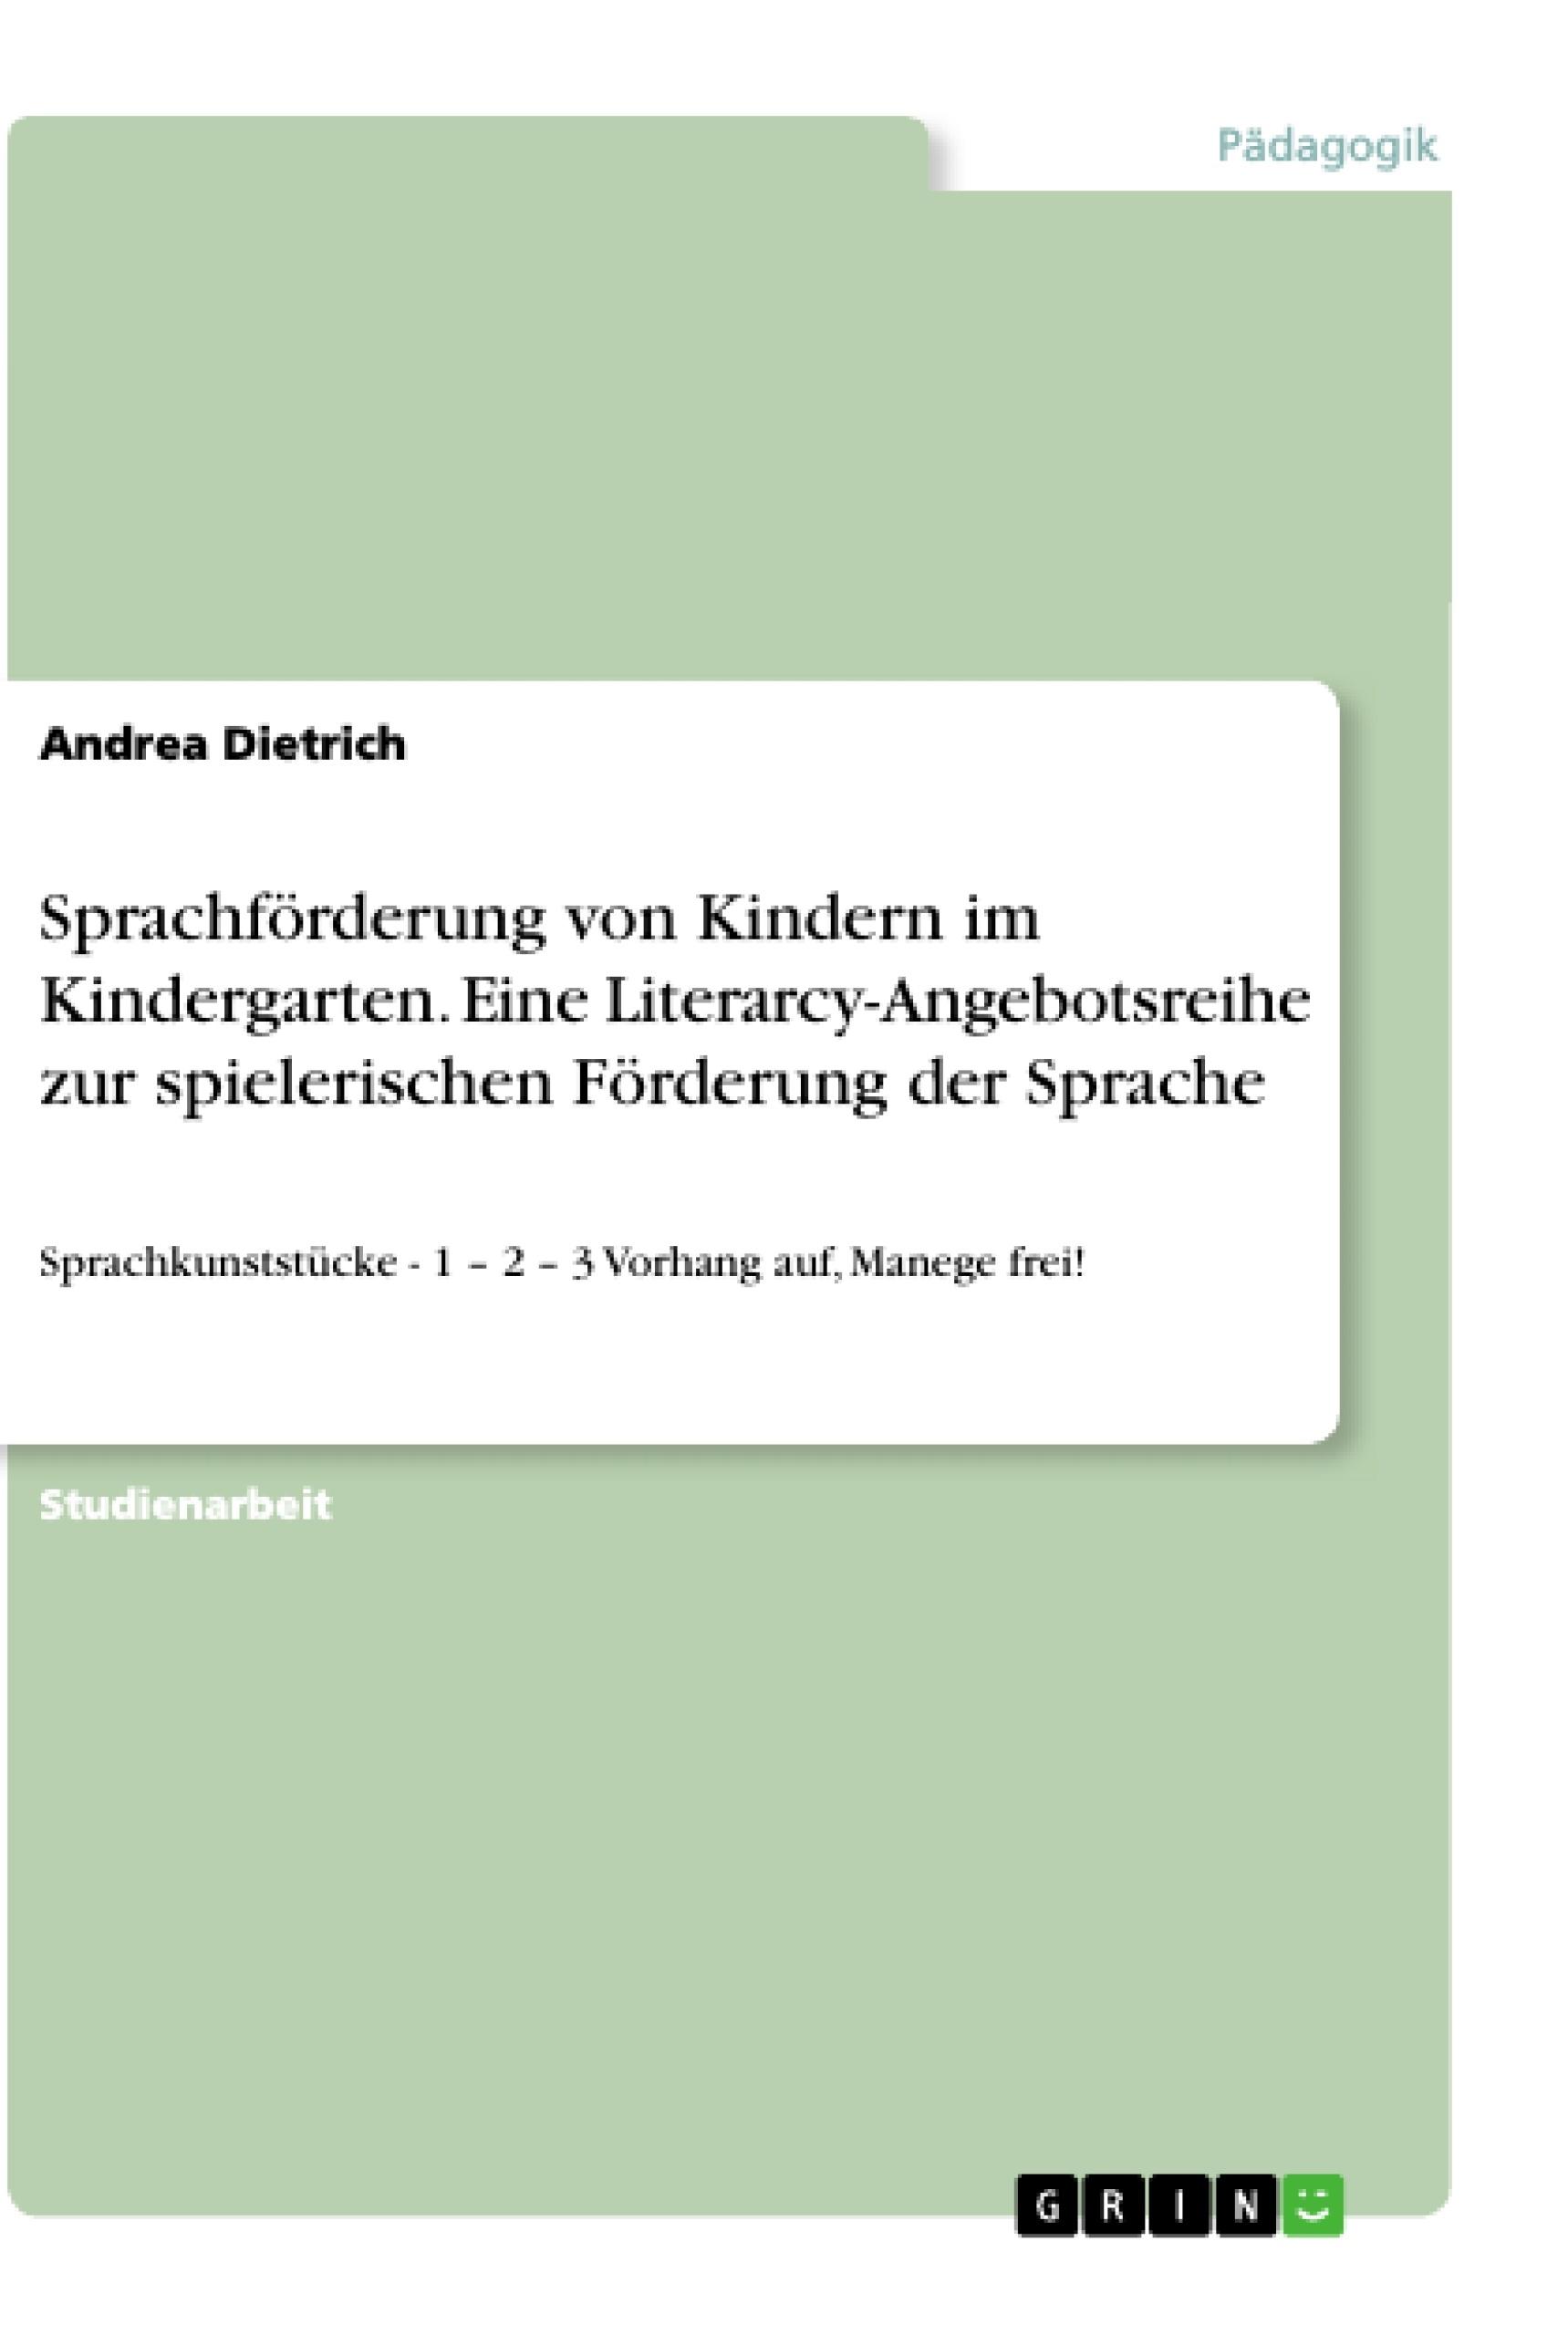 Titel: Sprachförderung von Kindern im Kindergarten. Eine Literarcy-Angebotsreihe zur spielerischen Förderung der Sprache